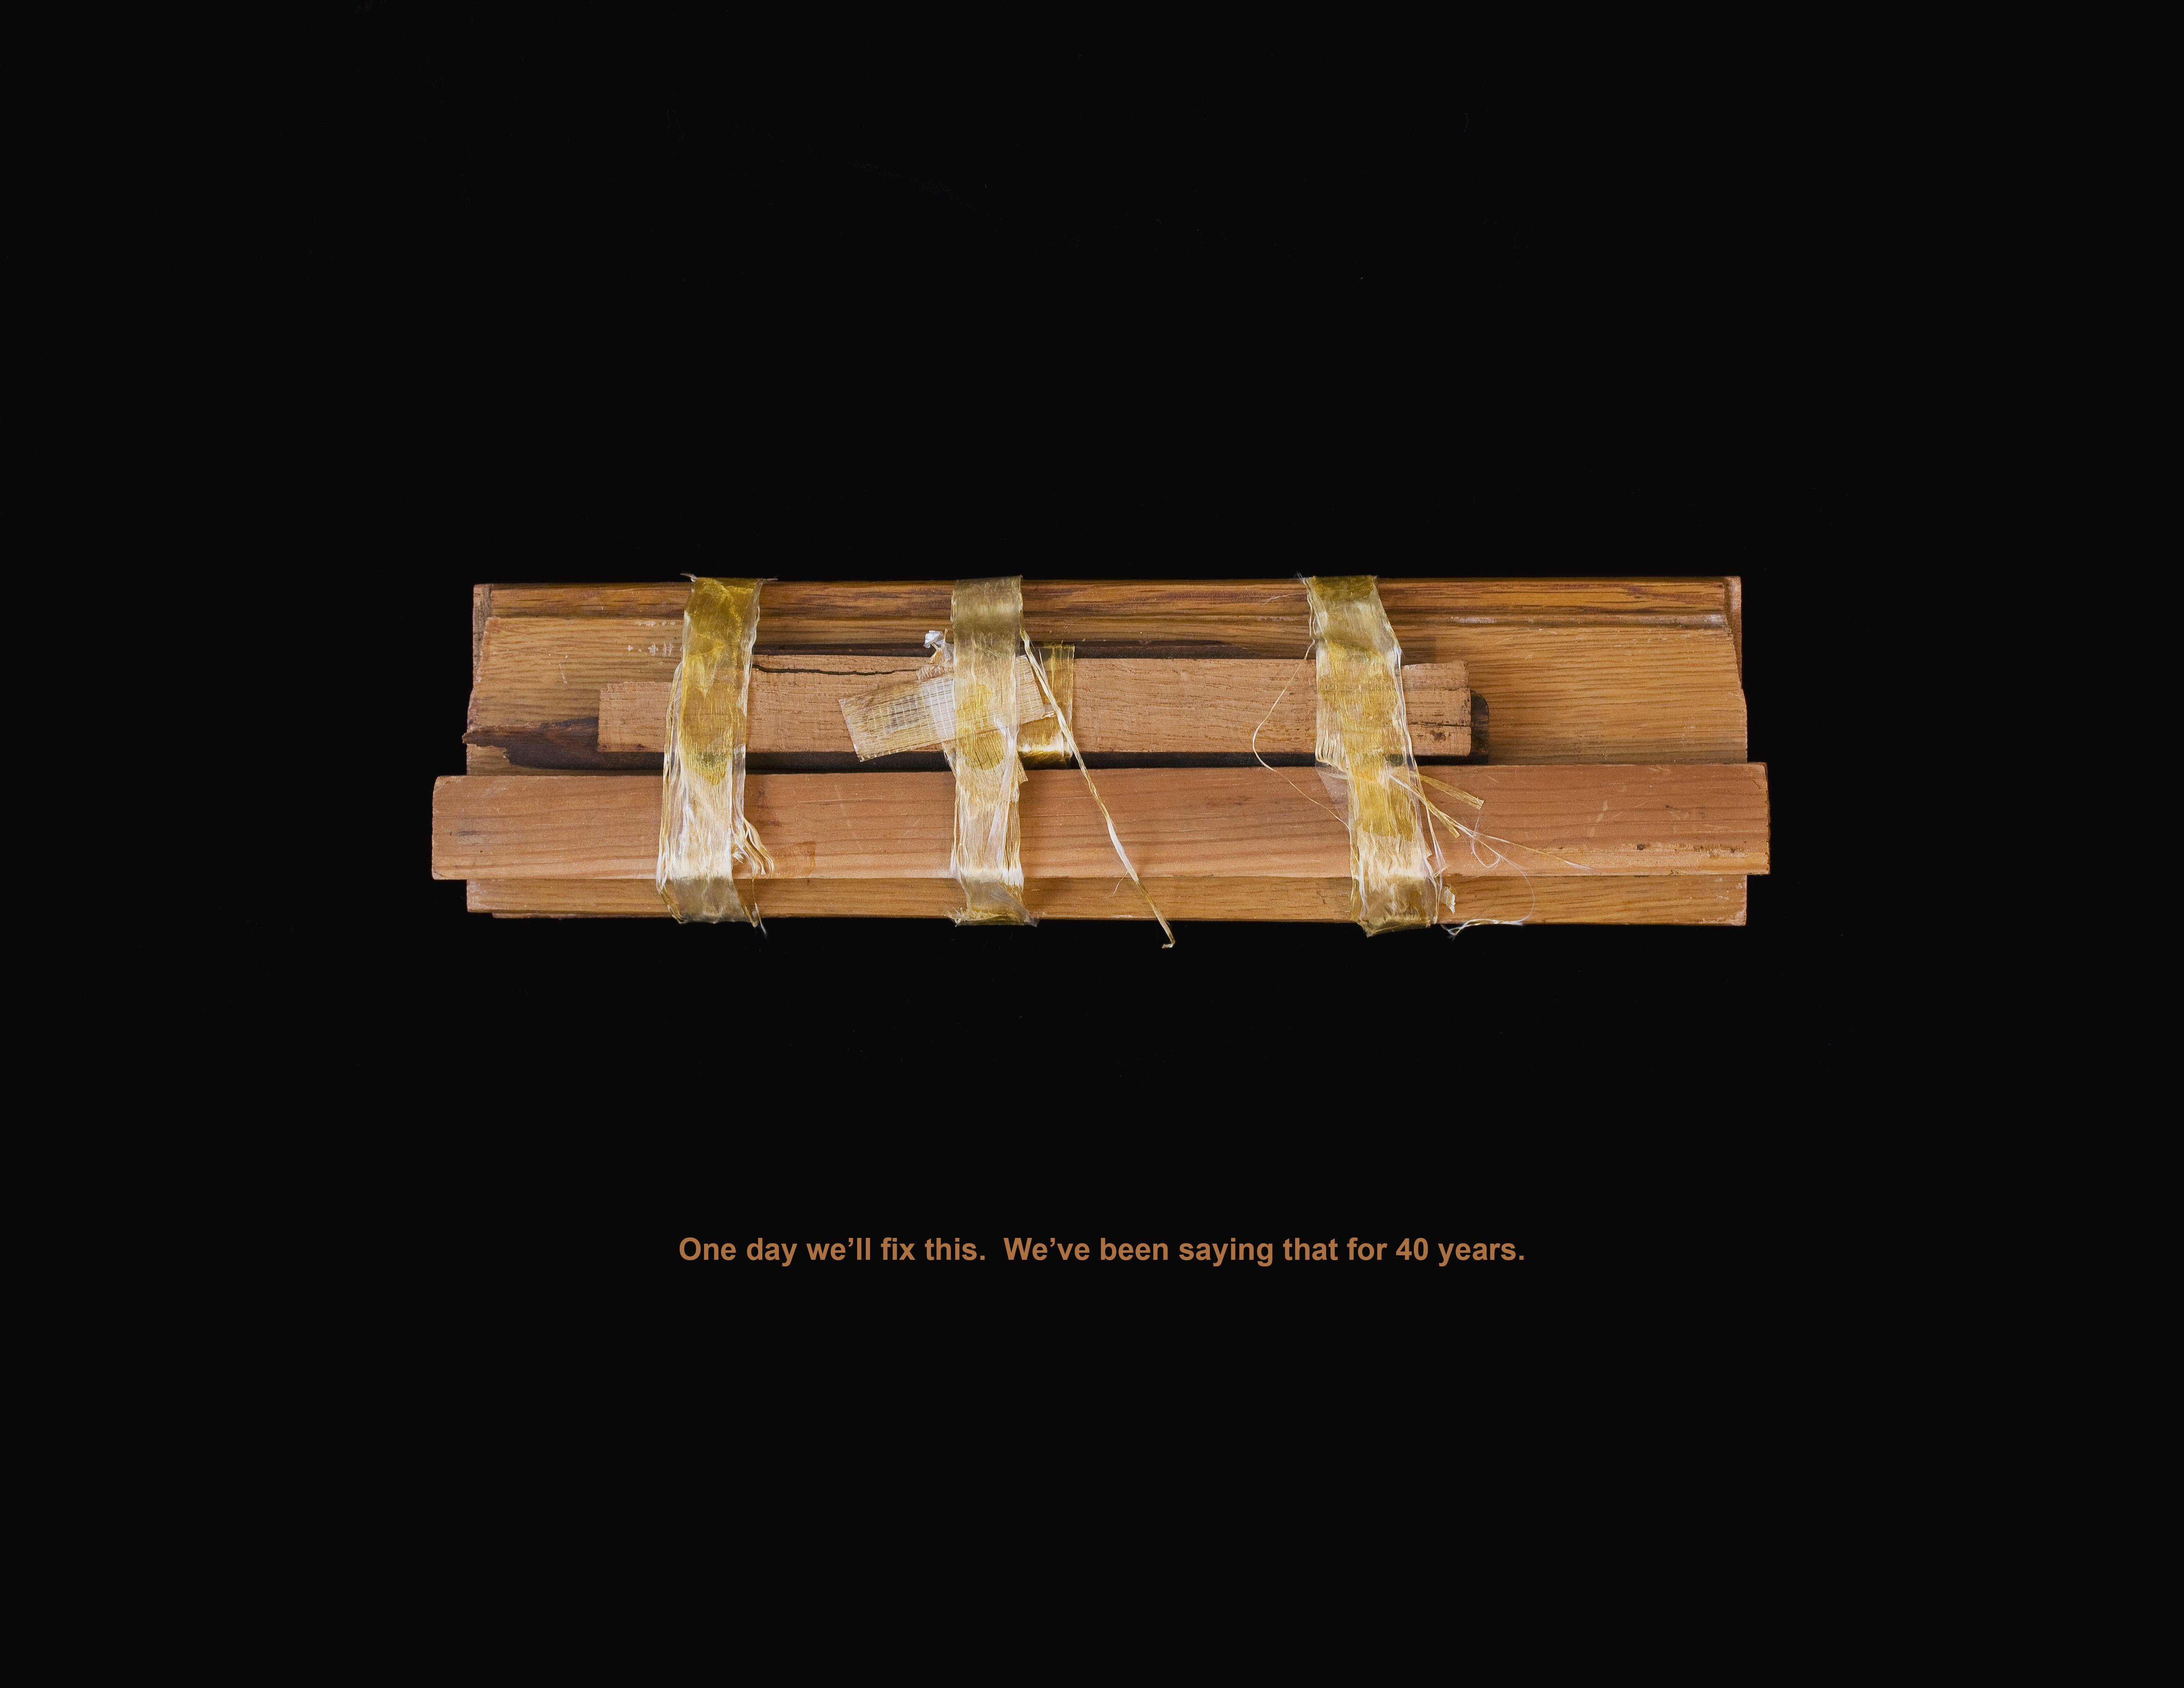 14_Wood_repair_8779_Flat and sharp_PG